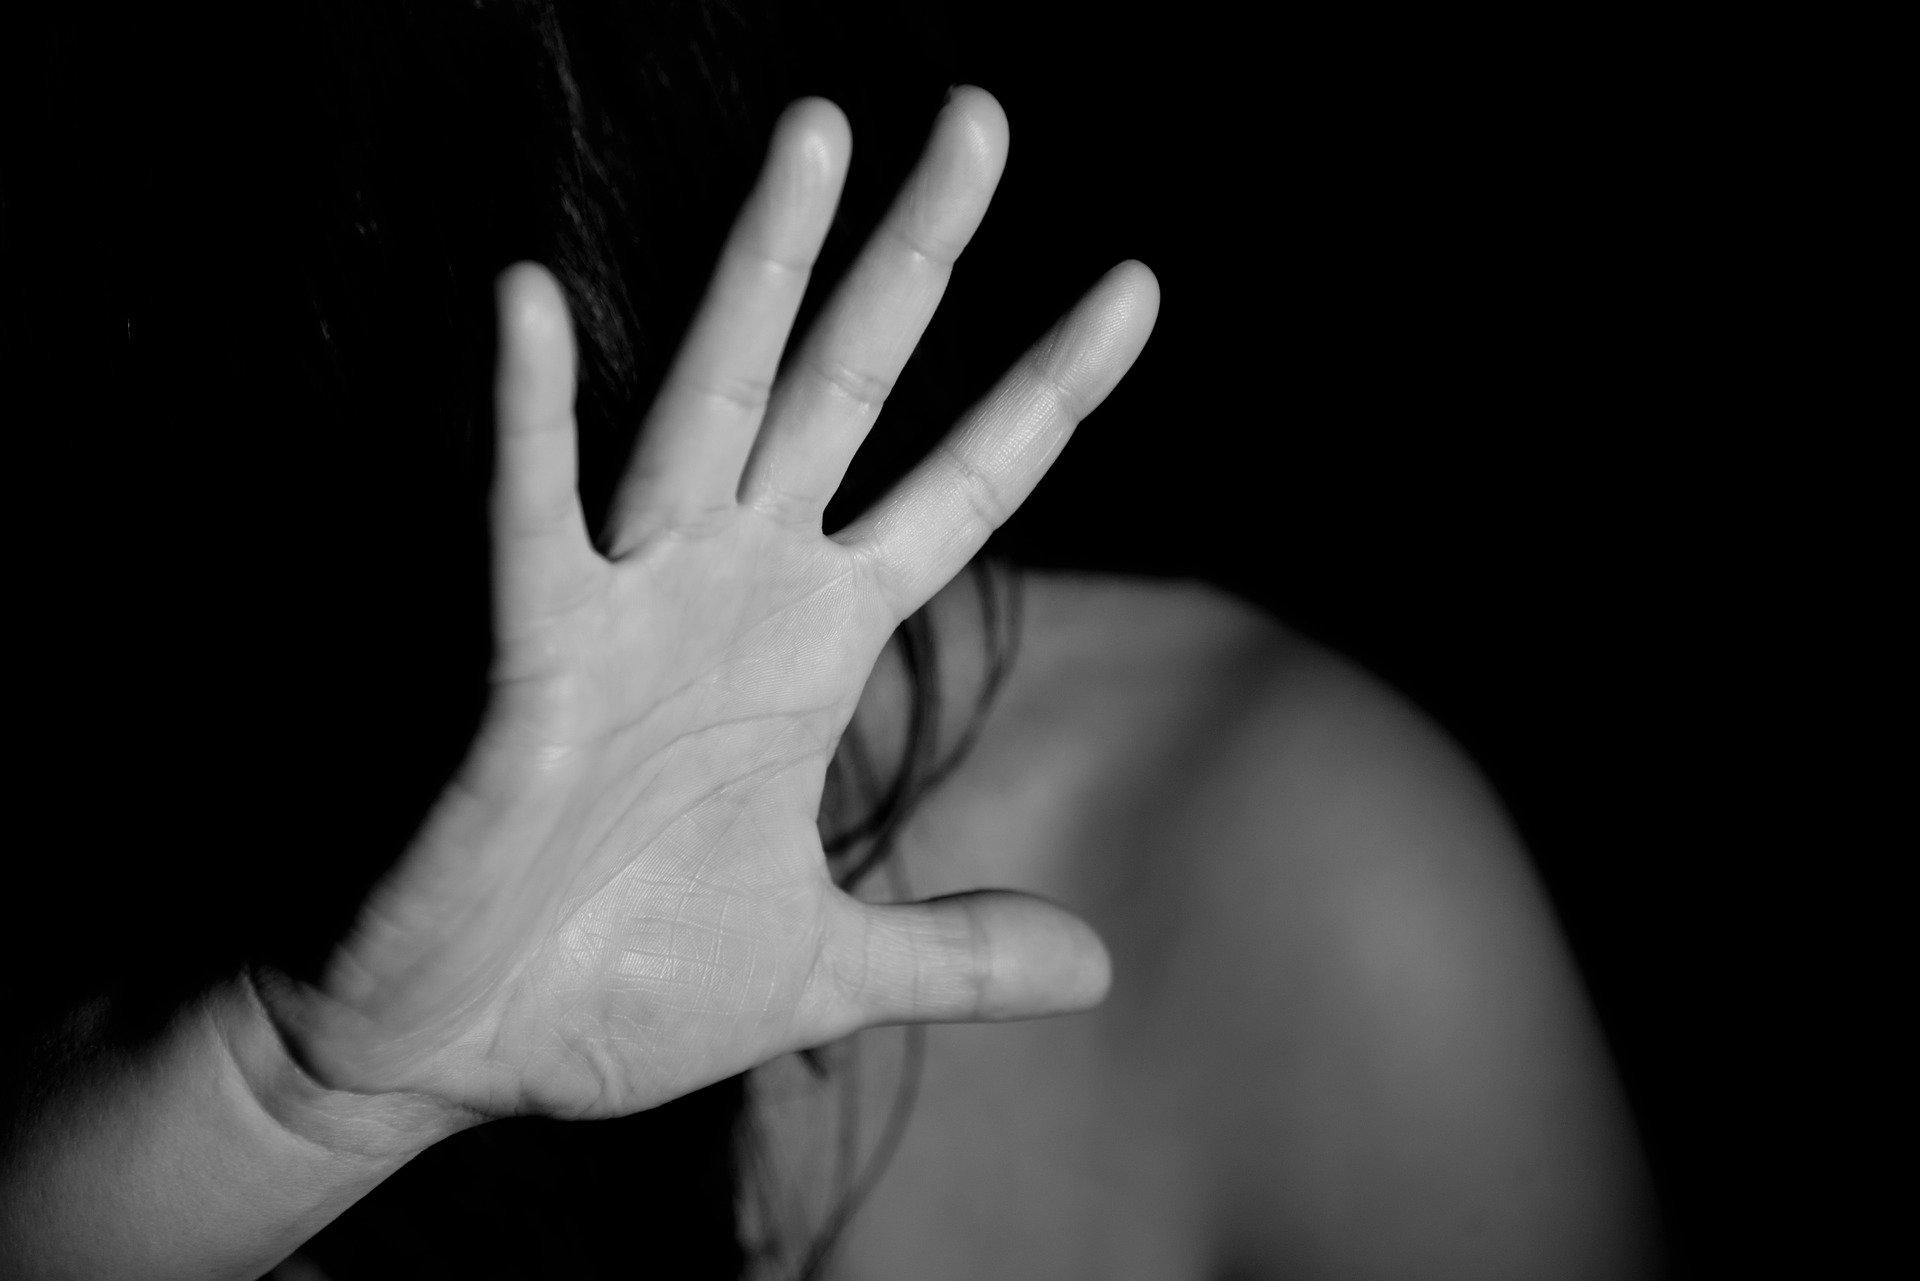 Anwälte von opfern häuslicher Gewalt diskutieren COVID-19-Herausforderungen, Möglichkeiten, um Unterstützung für die Opfer